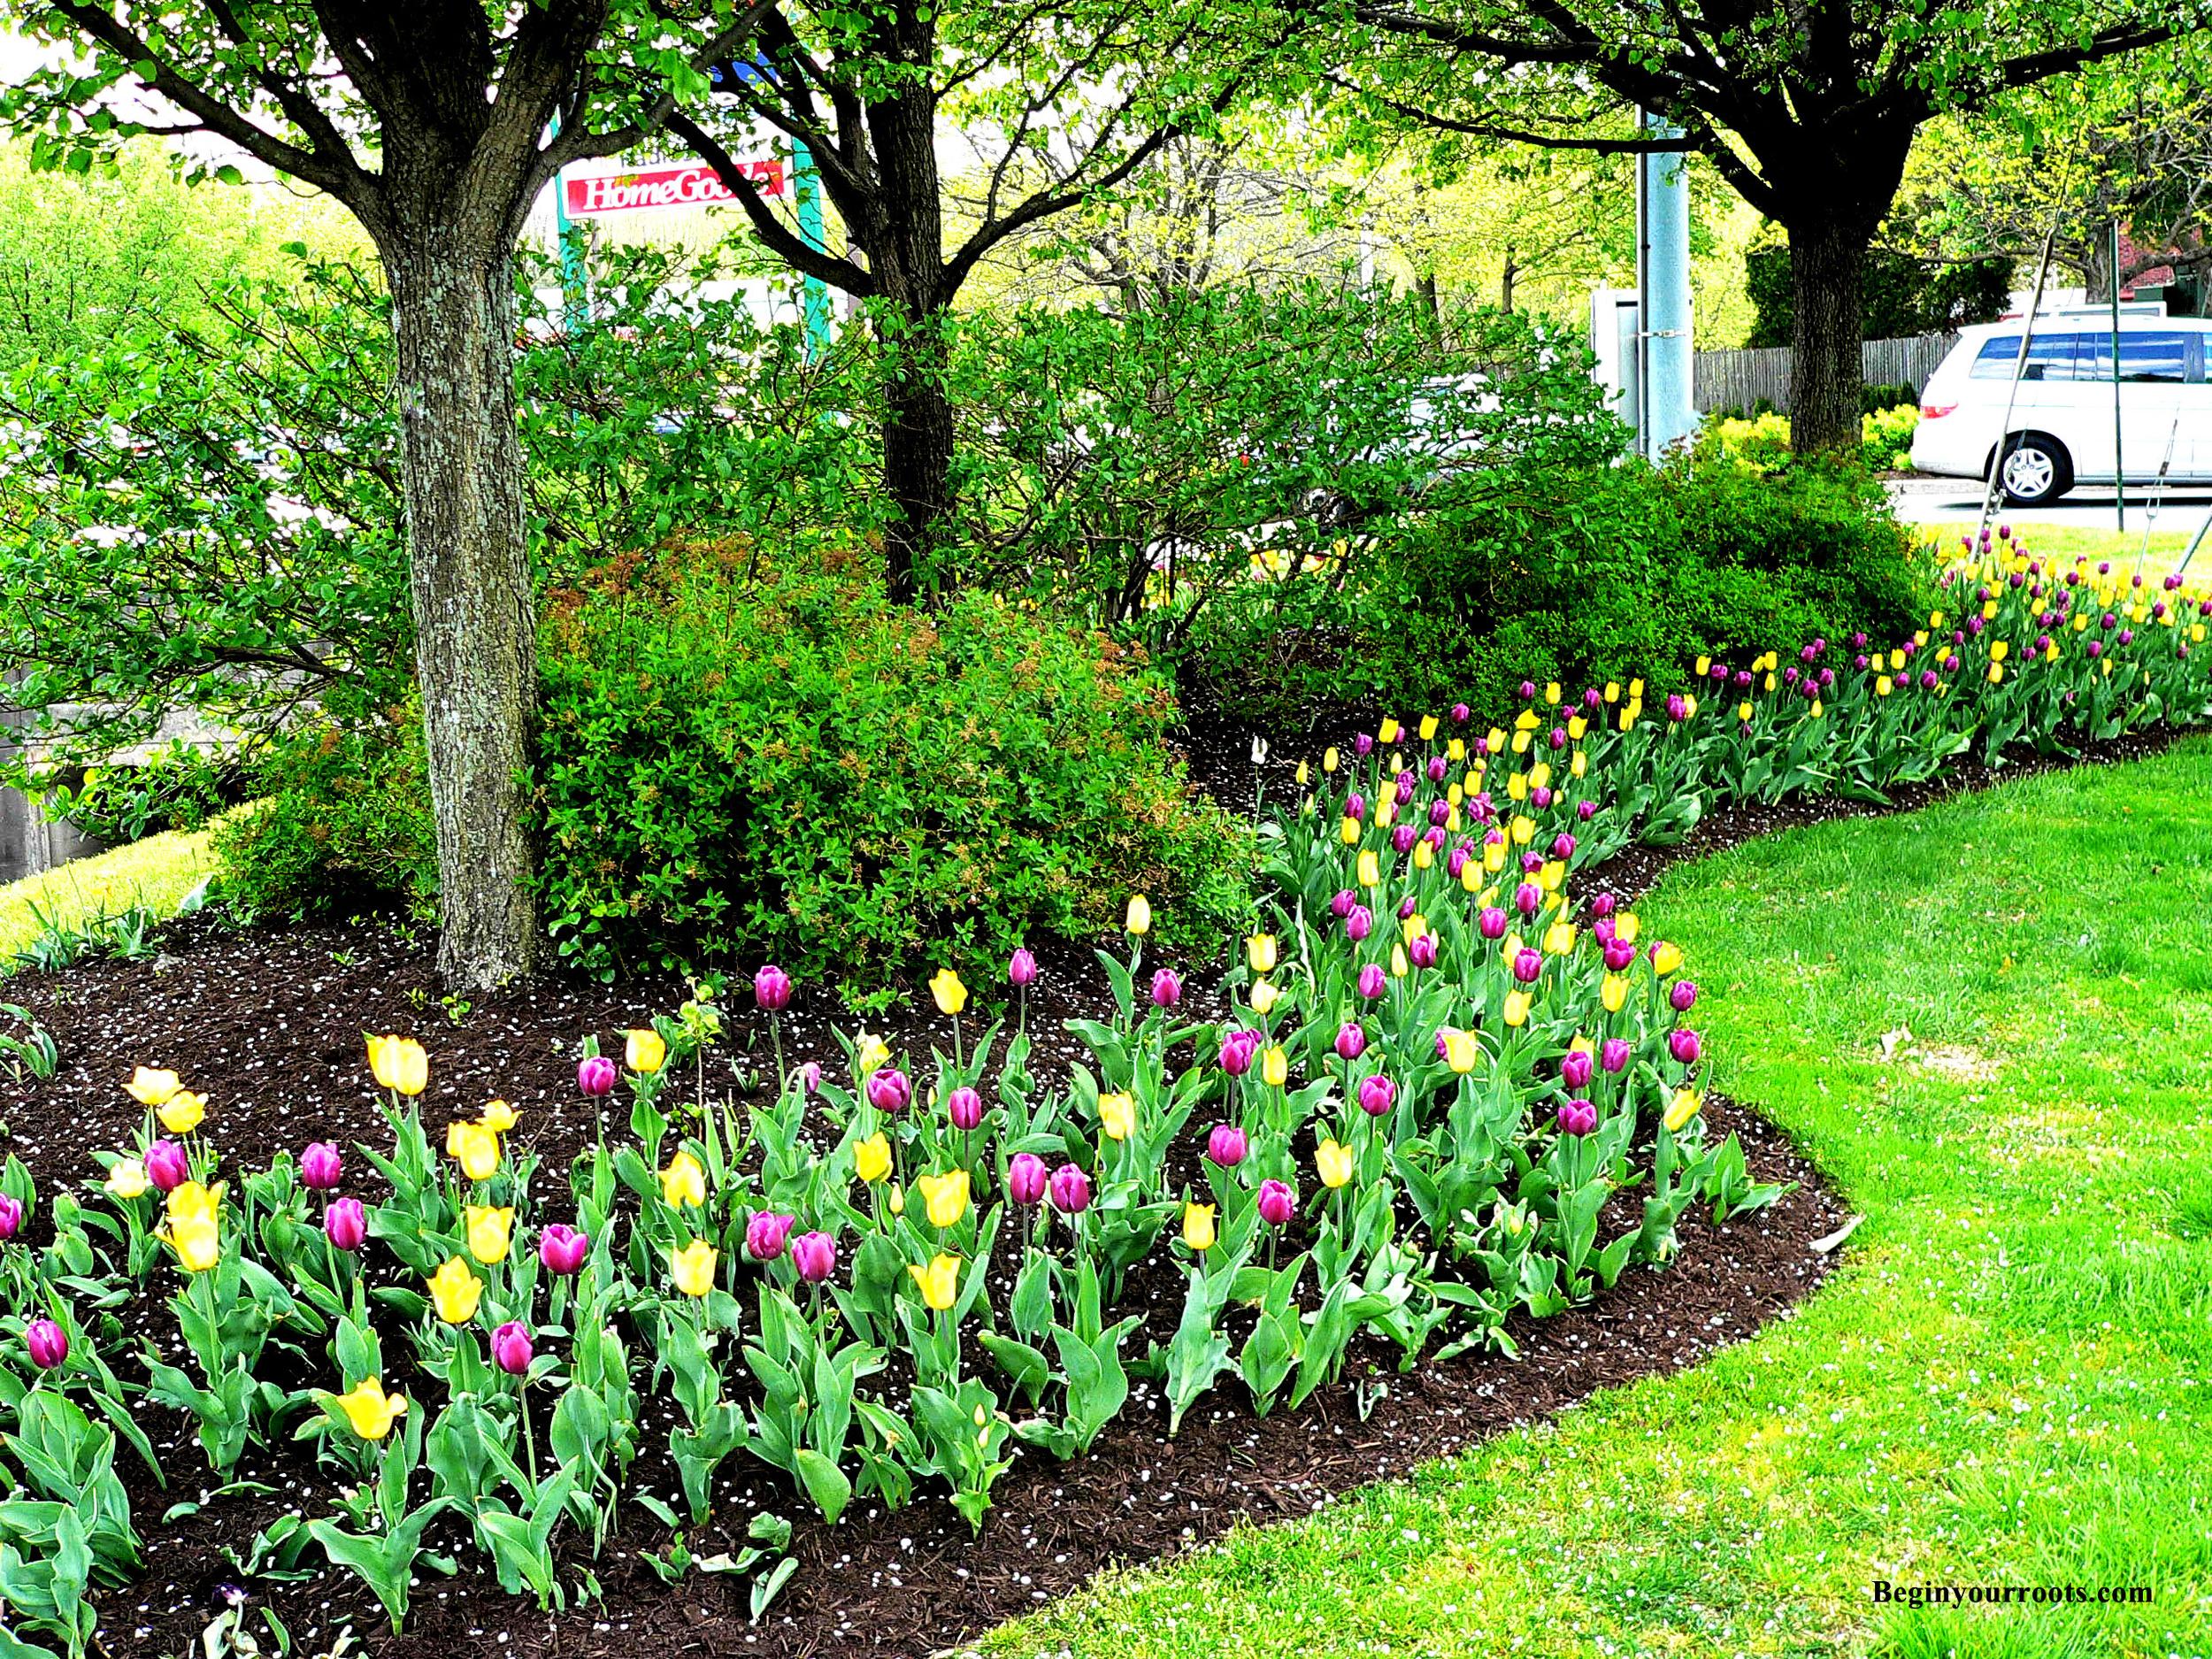 flowers_commercial_1_fullsize.jpg